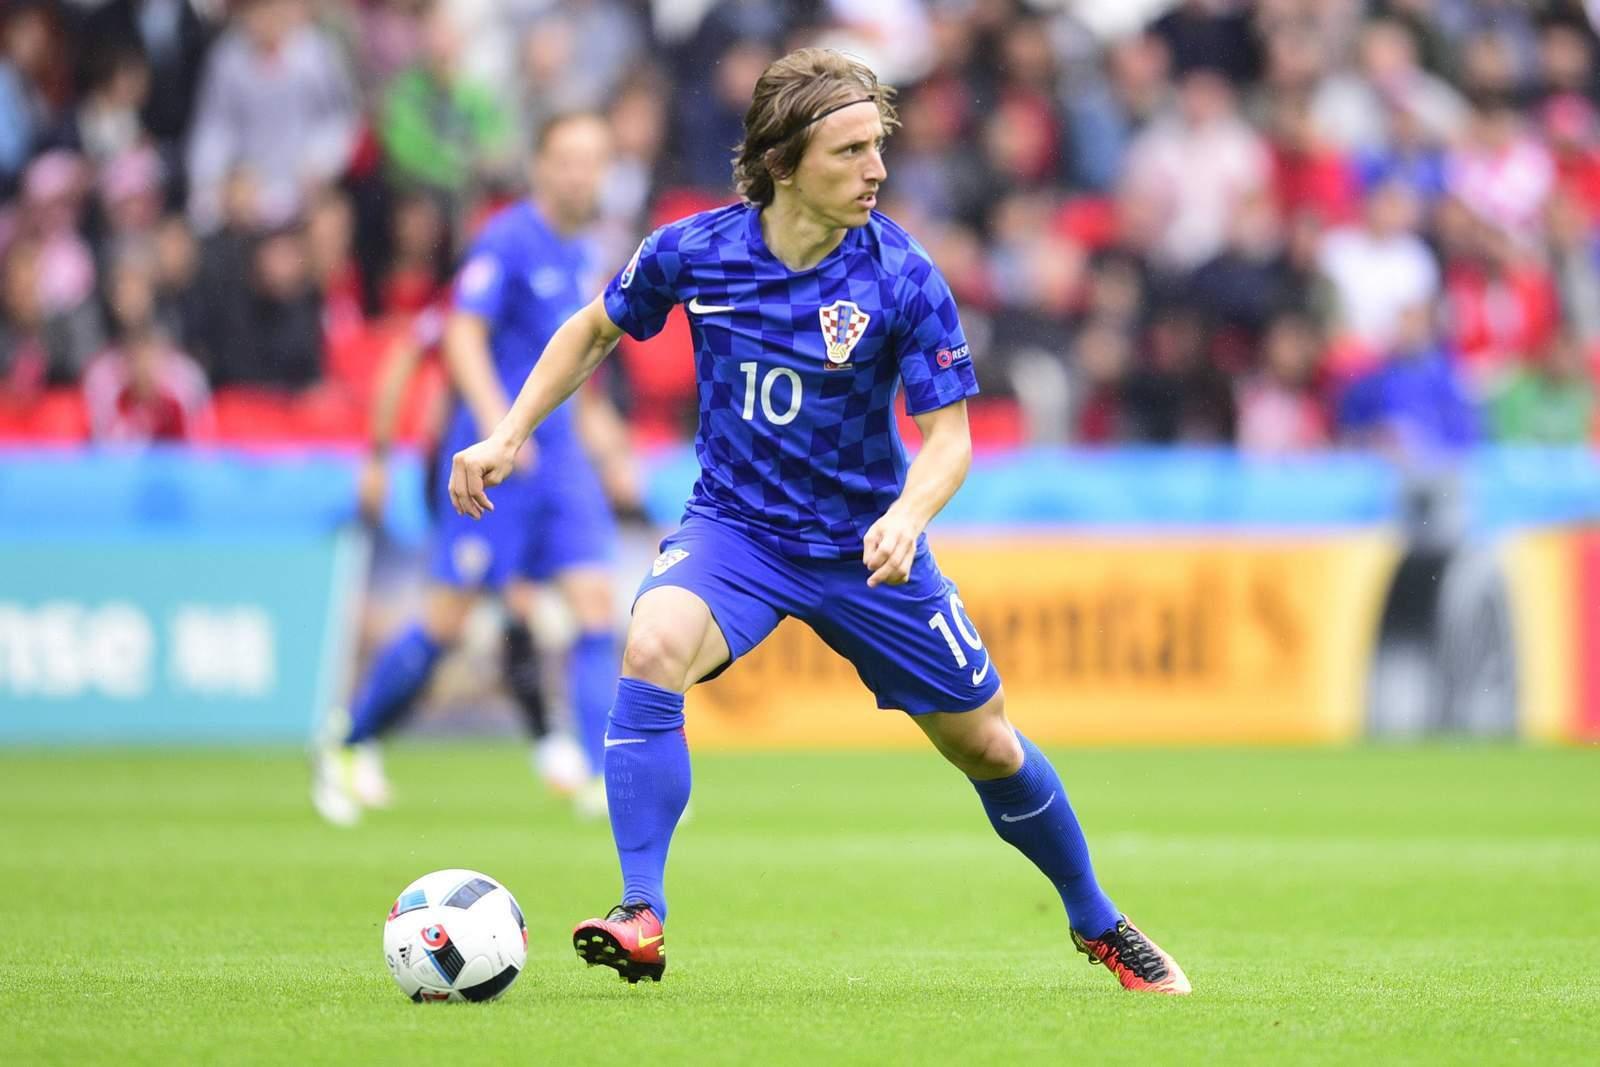 Kann Luka Modric Messi in die Schranken weißen? Jetzt auf Argentinien gegen Kroatien wetten!